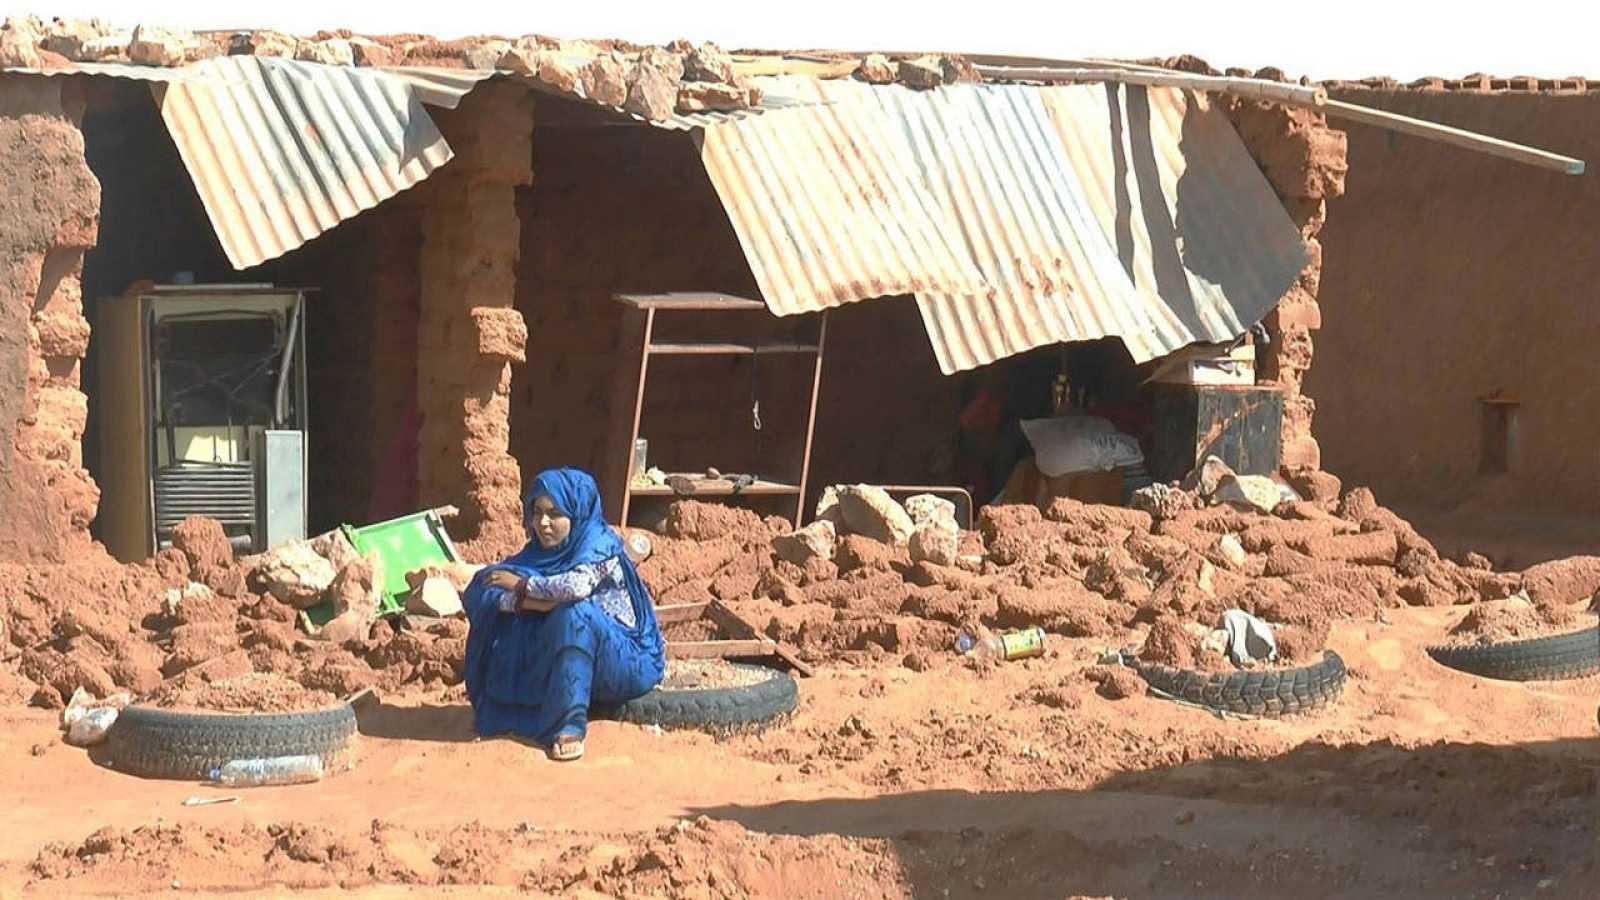 Un mujer sentada junto a los escombros provocados por las lluvias en un campo saharaui